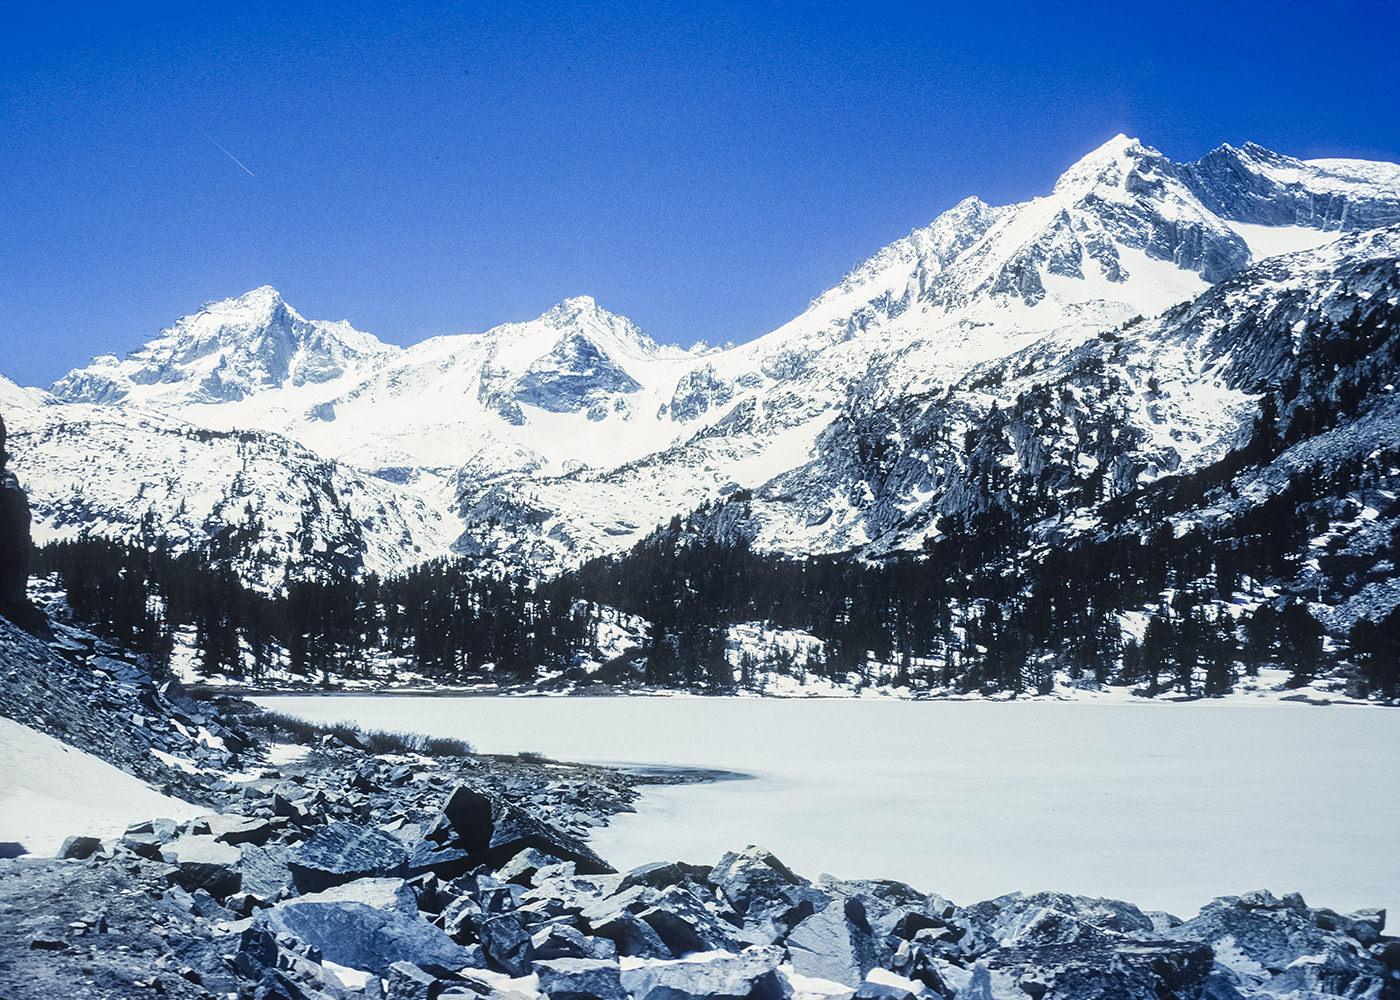 sierra-snow-camp-58.jpg